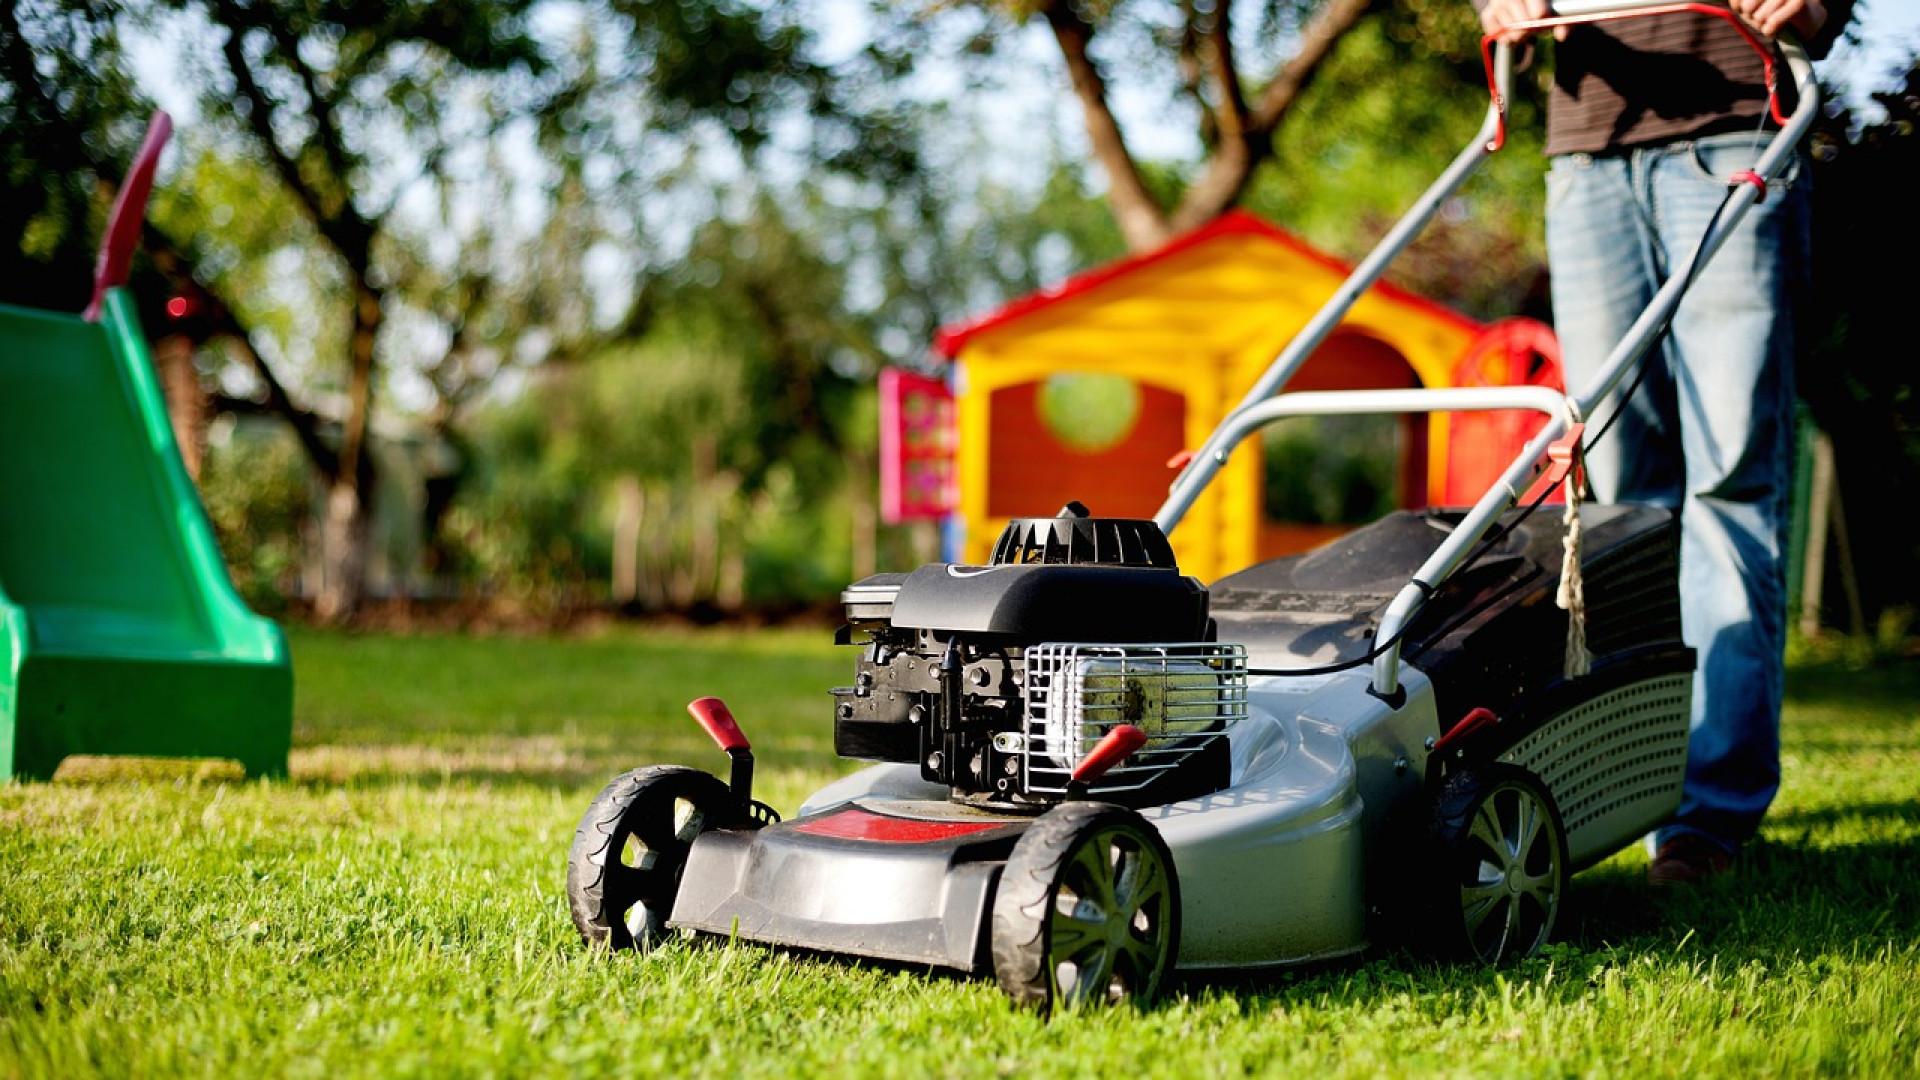 Où trouver des équipements de jardin au meilleur prix ?